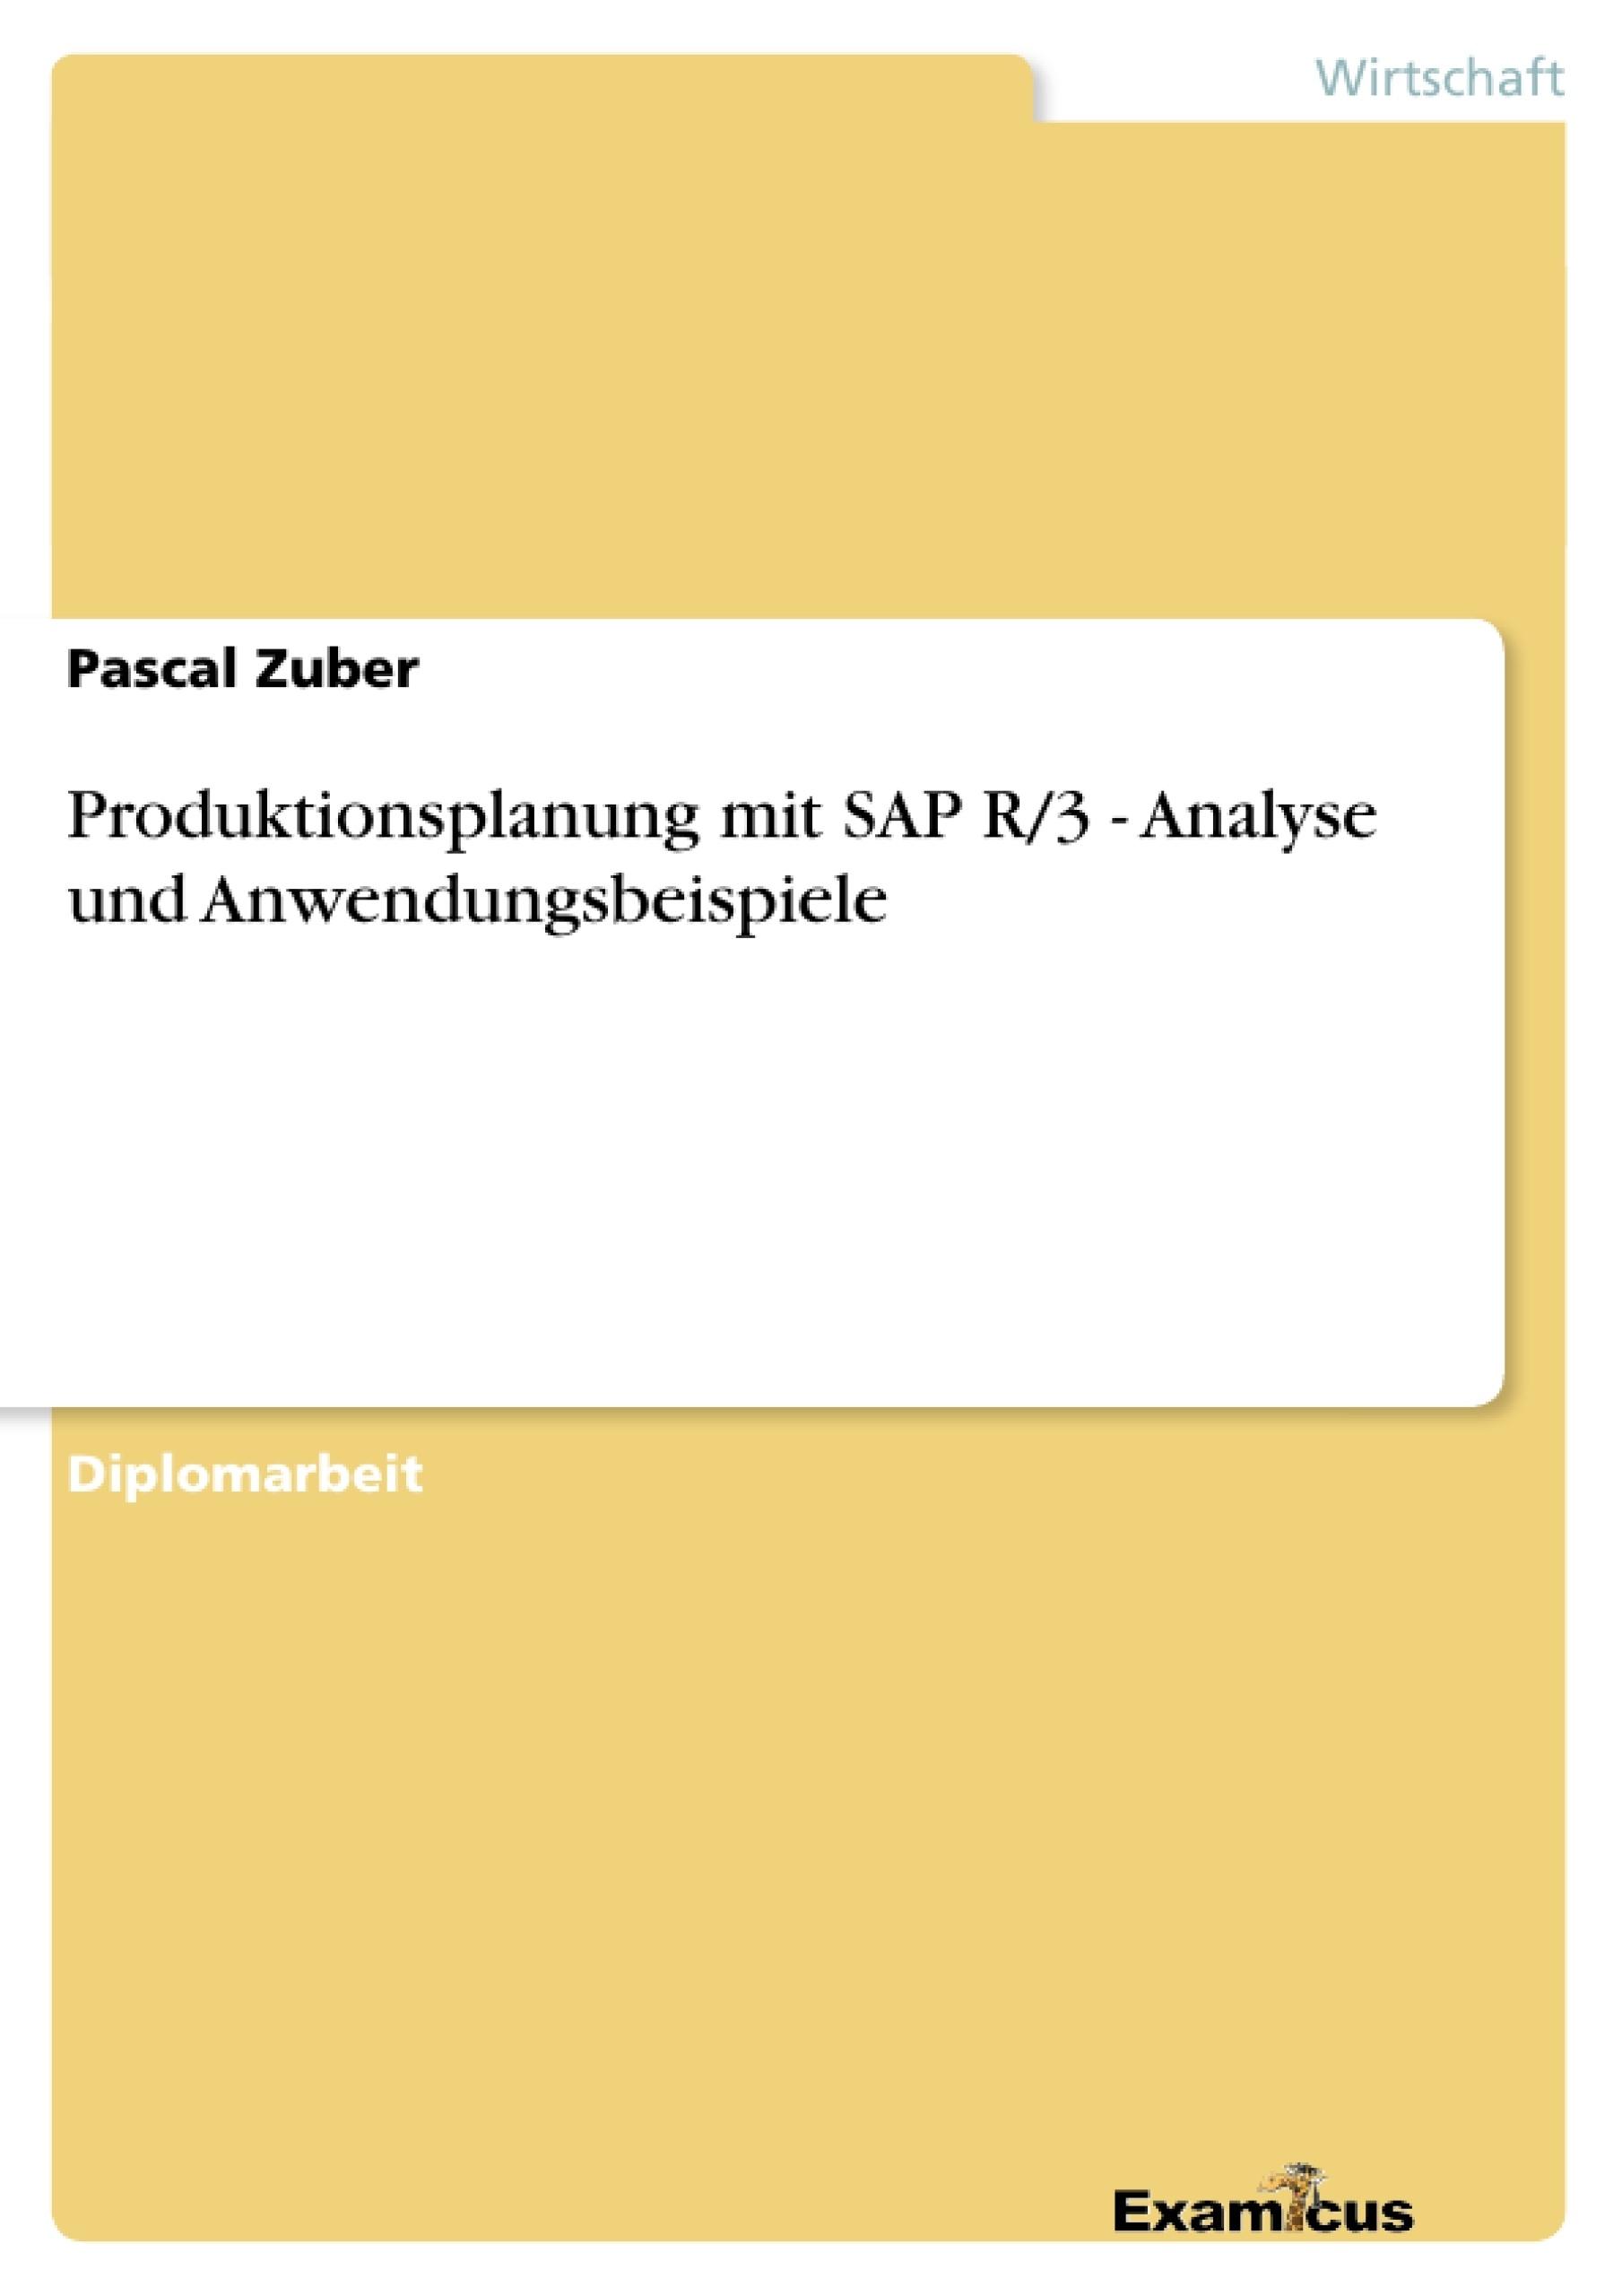 Titel: Produktionsplanung mit SAP R/3 - Analyse und Anwendungsbeispiele